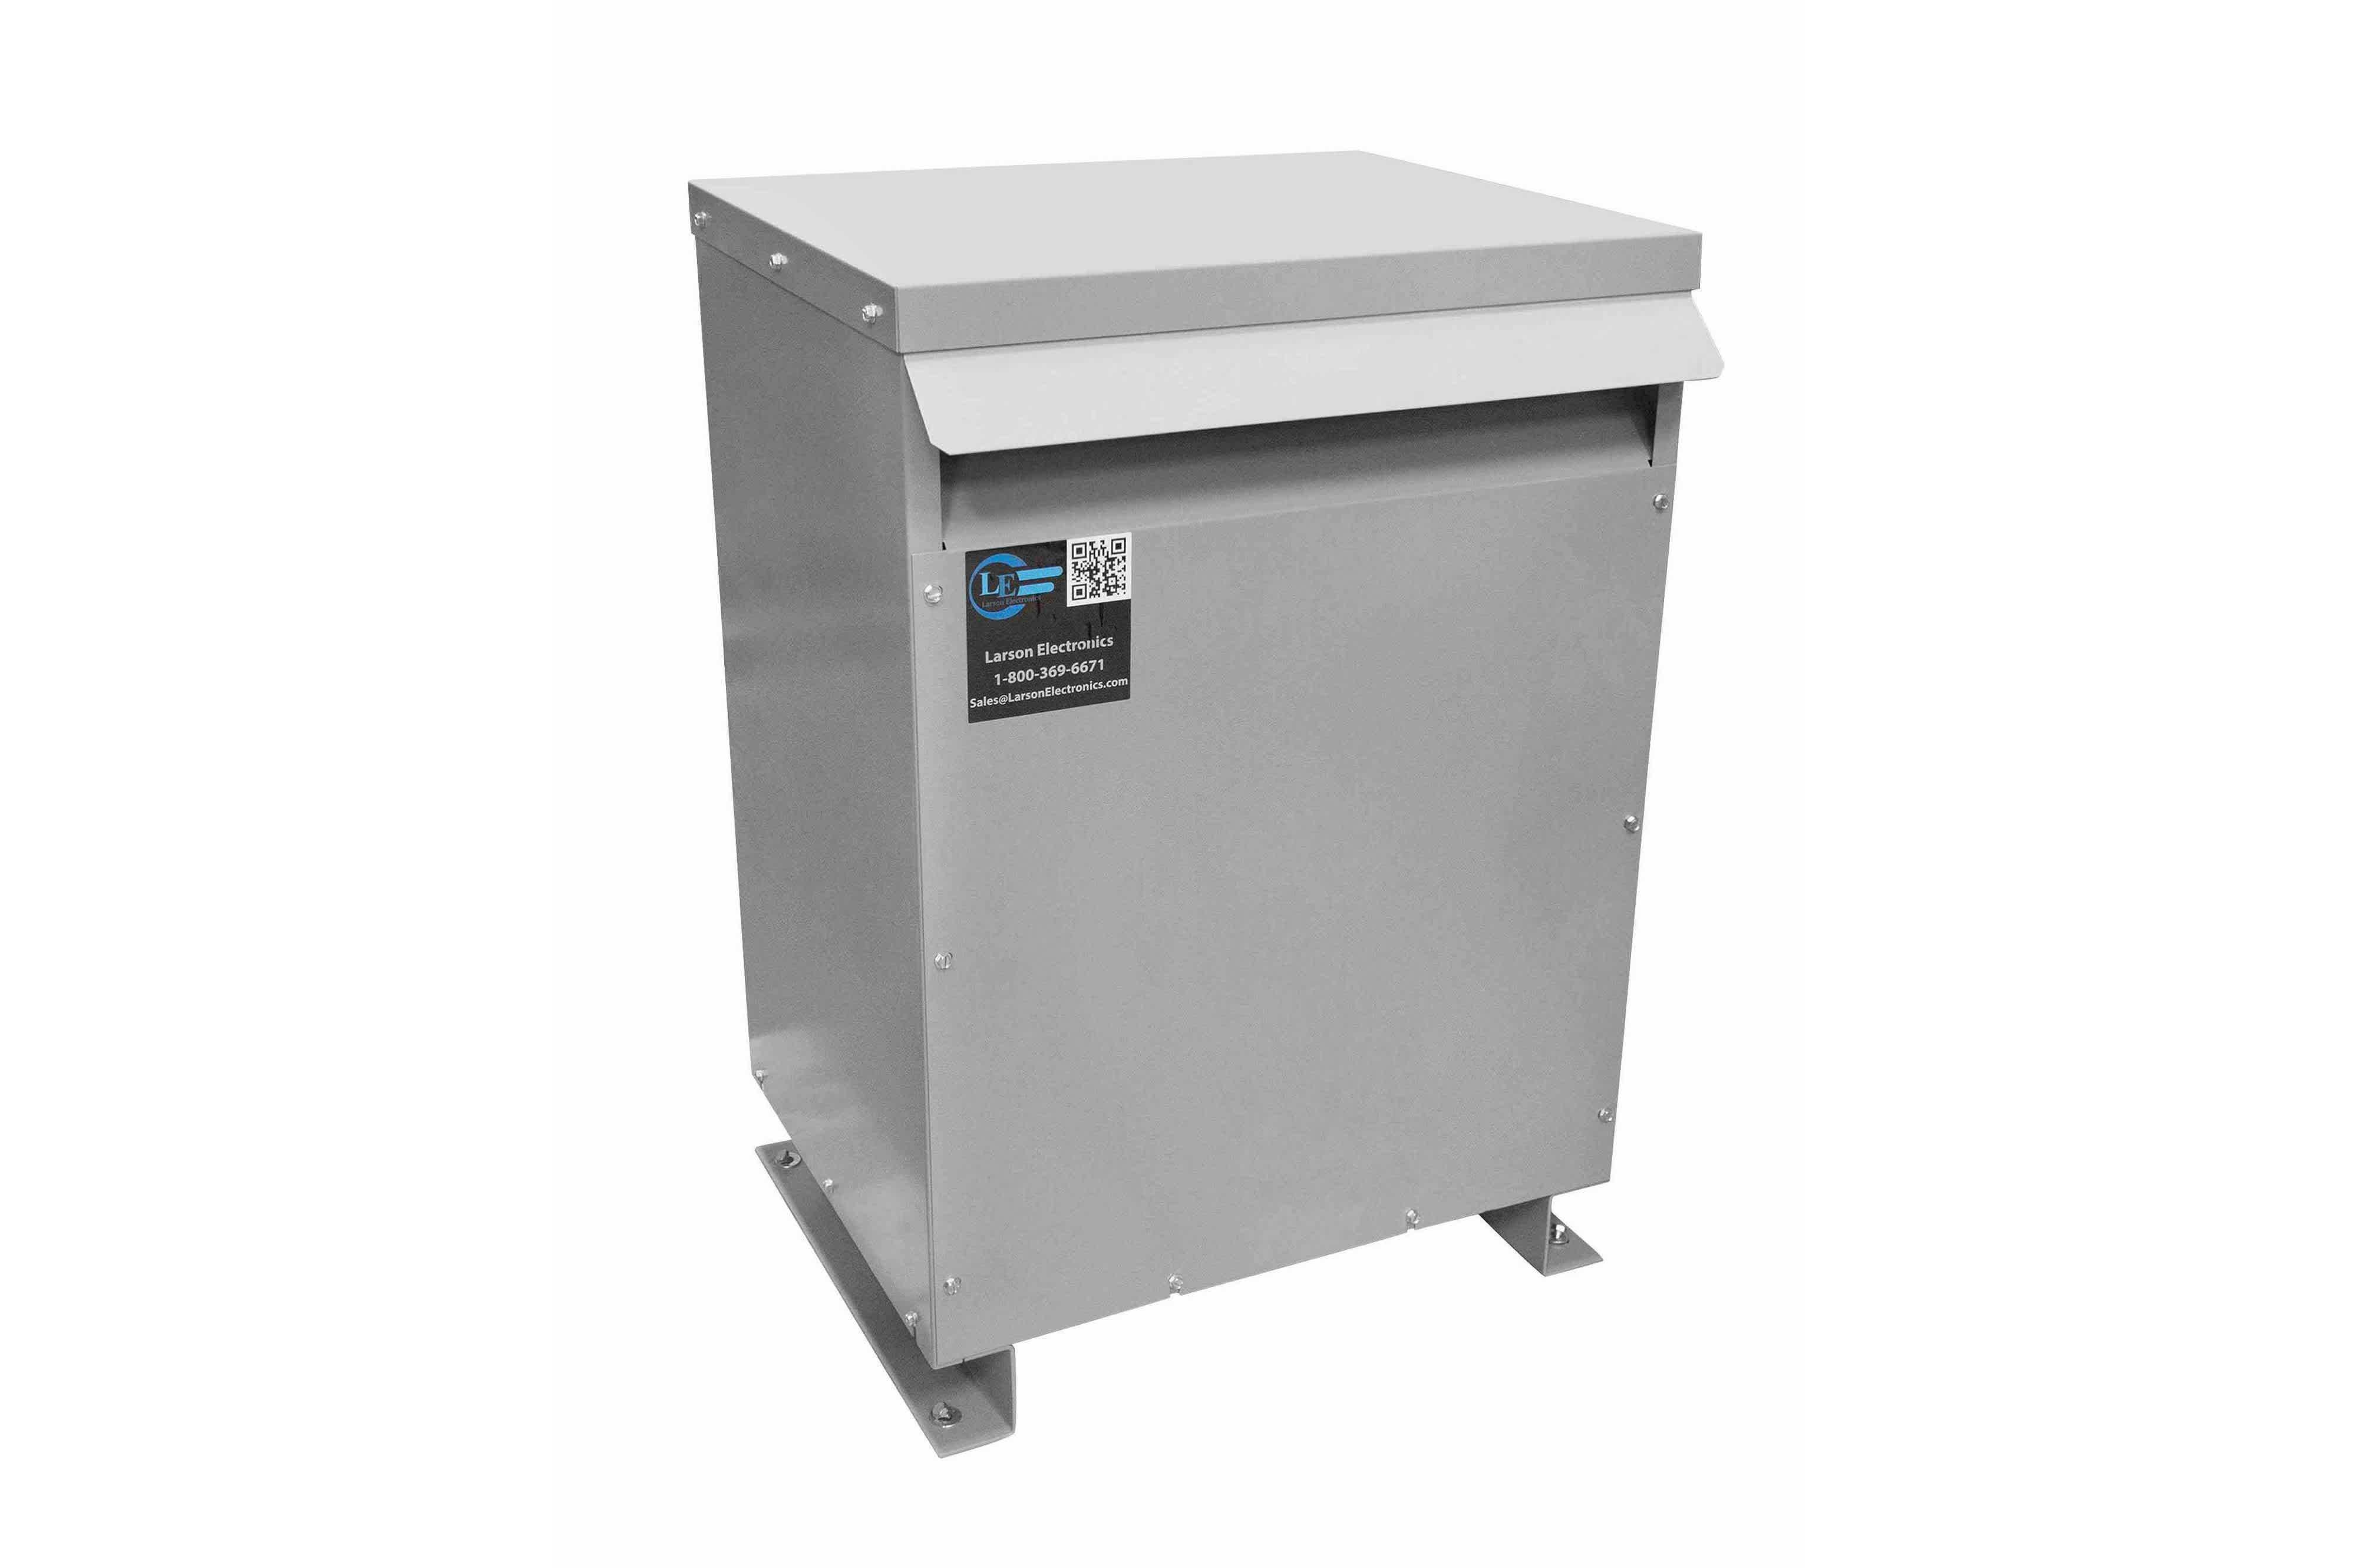 150 kVA 3PH DOE Transformer, 380V Delta Primary, 240V/120 Delta Secondary, N3R, Ventilated, 60 Hz